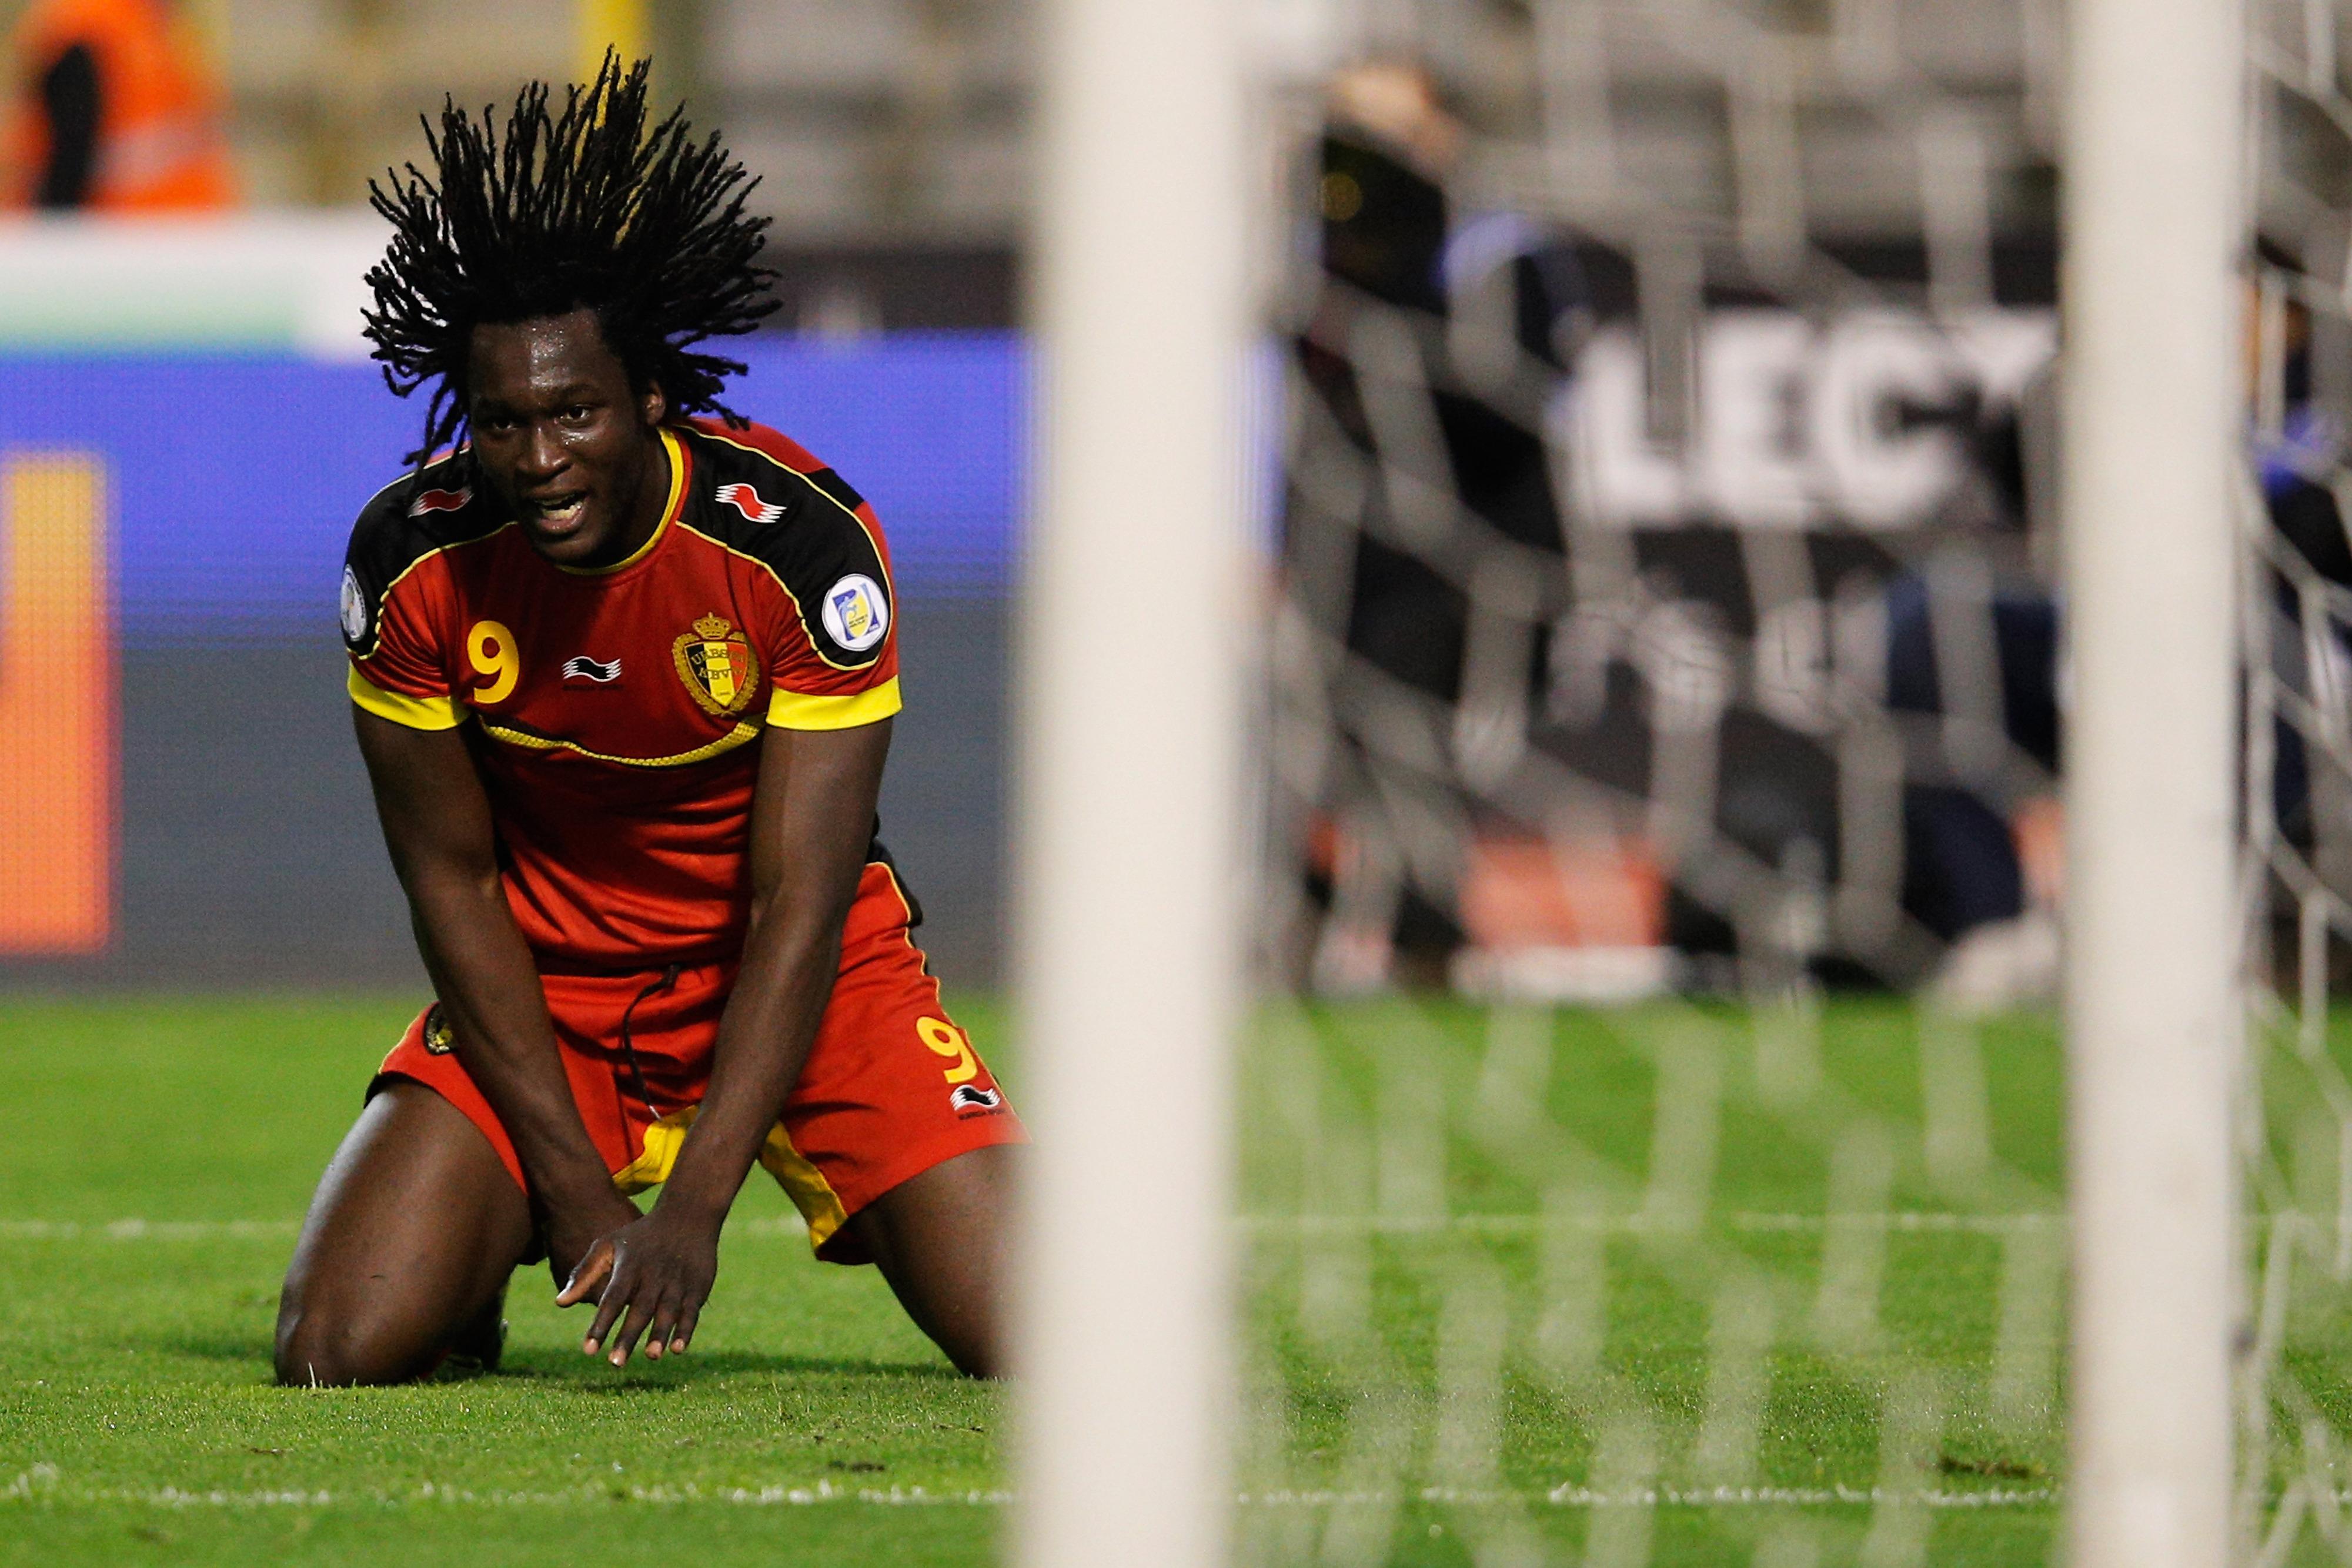 Romelu Lukaku will hope for some hair raising moments for Belgium in Brazil